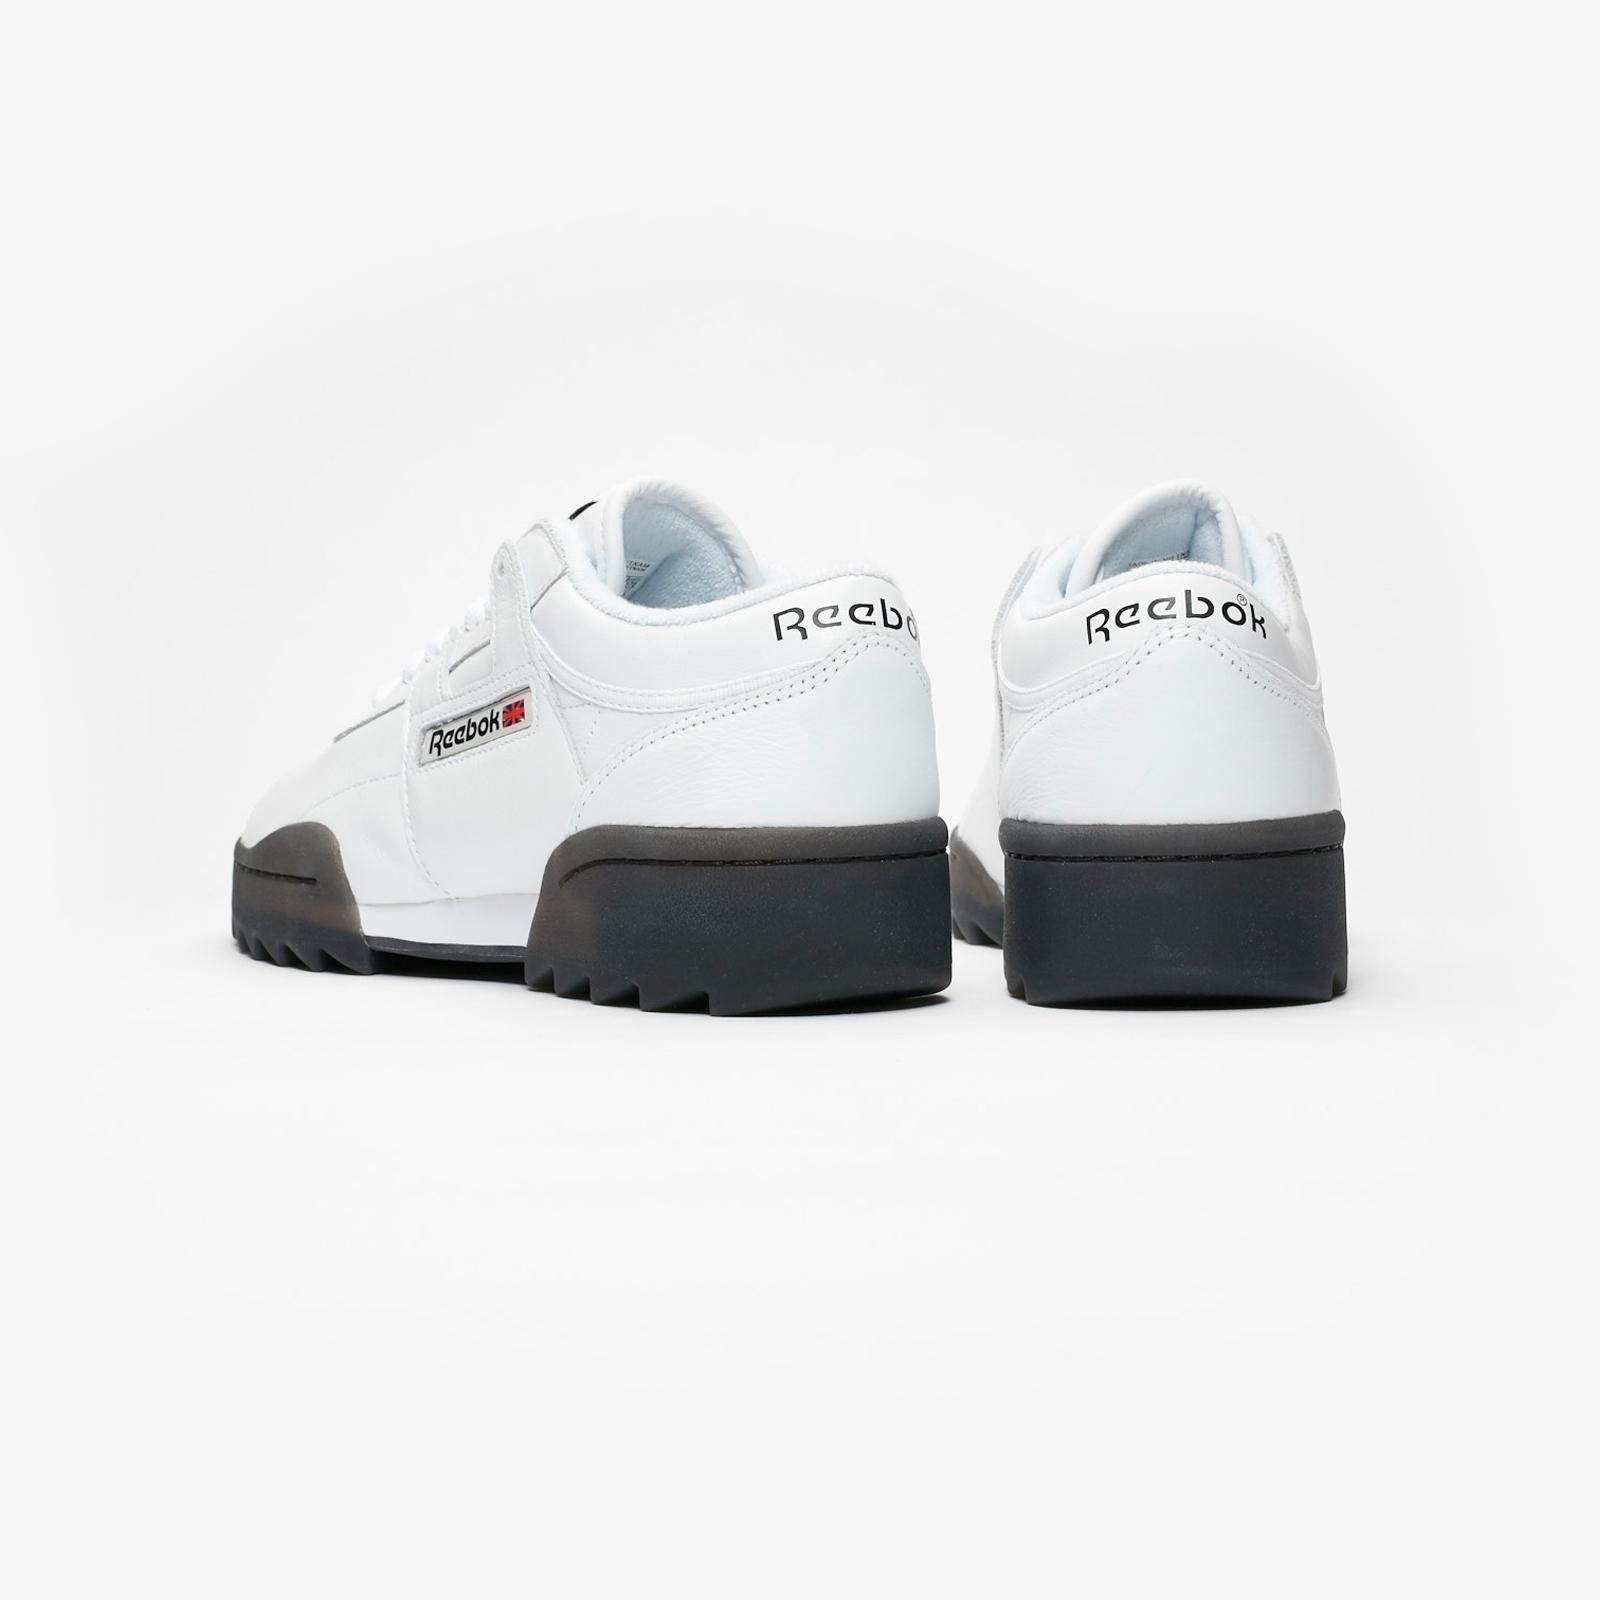 a8d581dcb49 Reebok Workout Ripple OG - Dv6957 - Sneakersnstuff